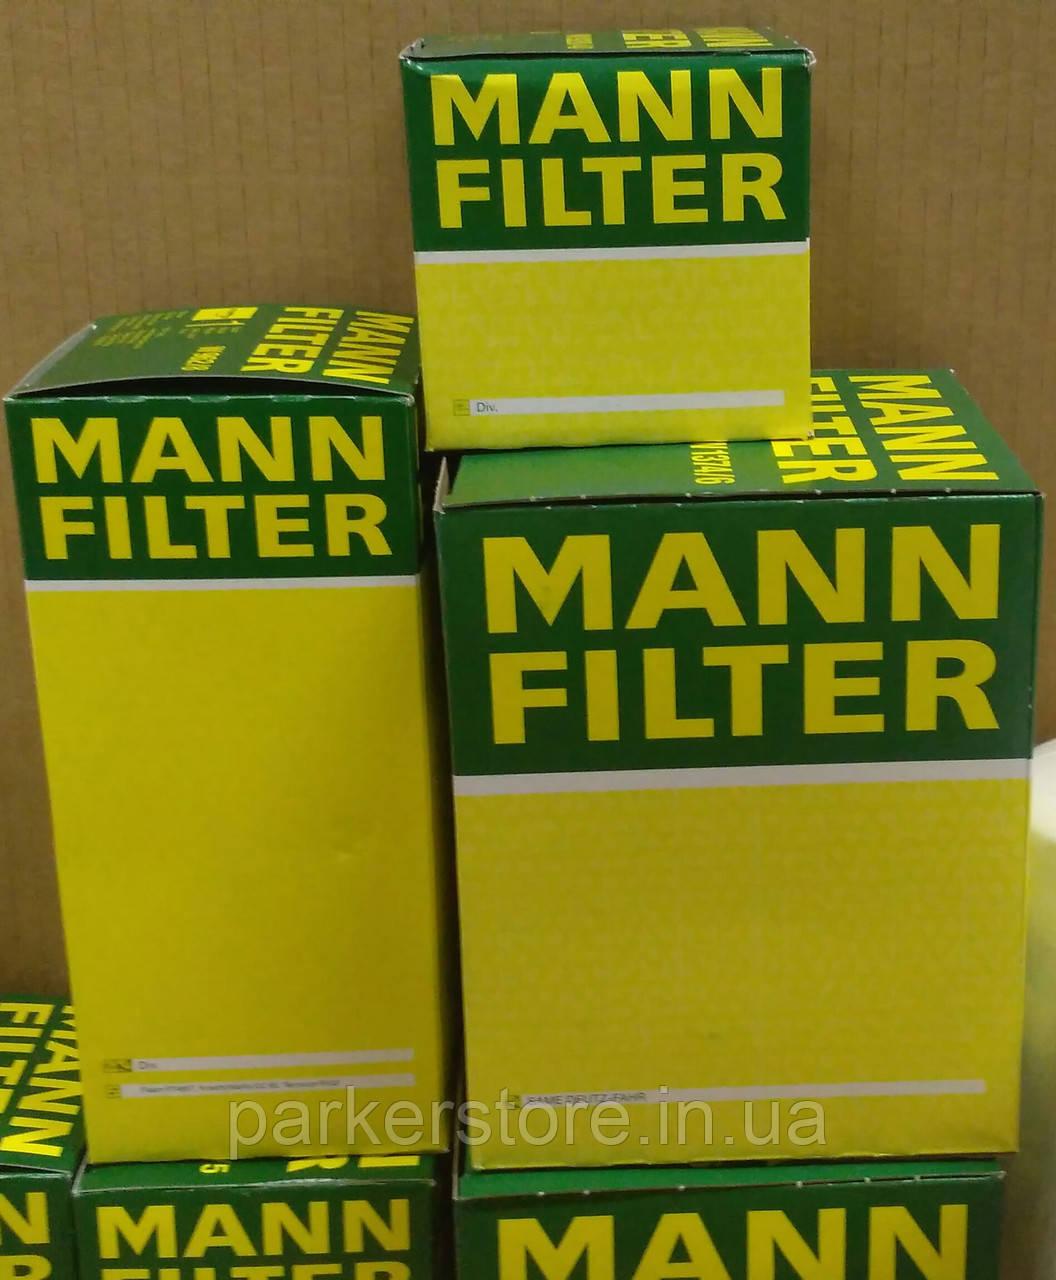 MANN FILTER / Повітряний фільтр / C 30 1500/1 / C301500/1